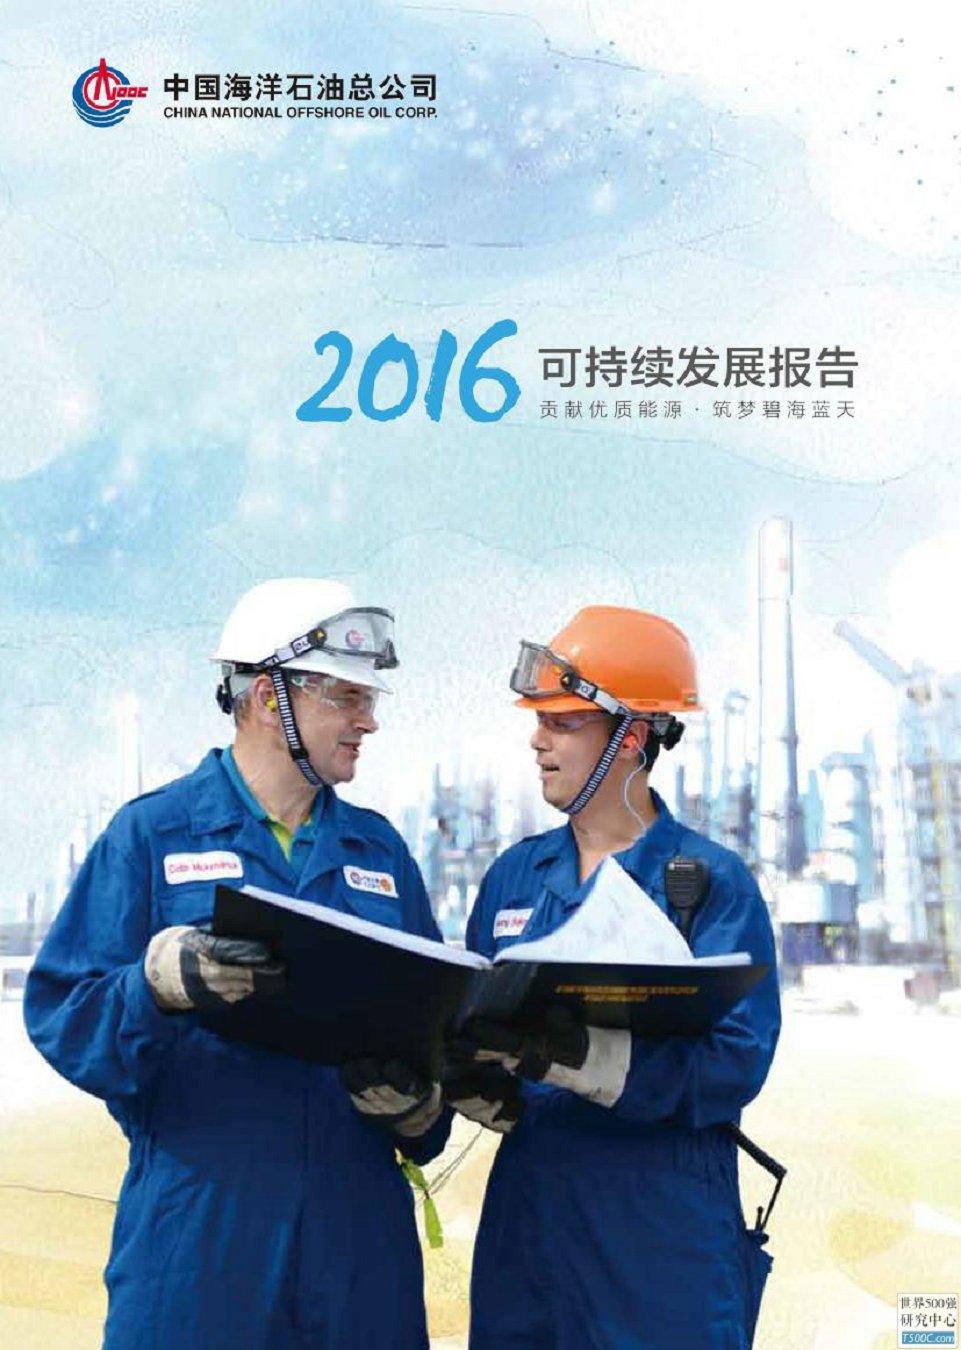 中国海洋石油总公司2016年可持续发展报告